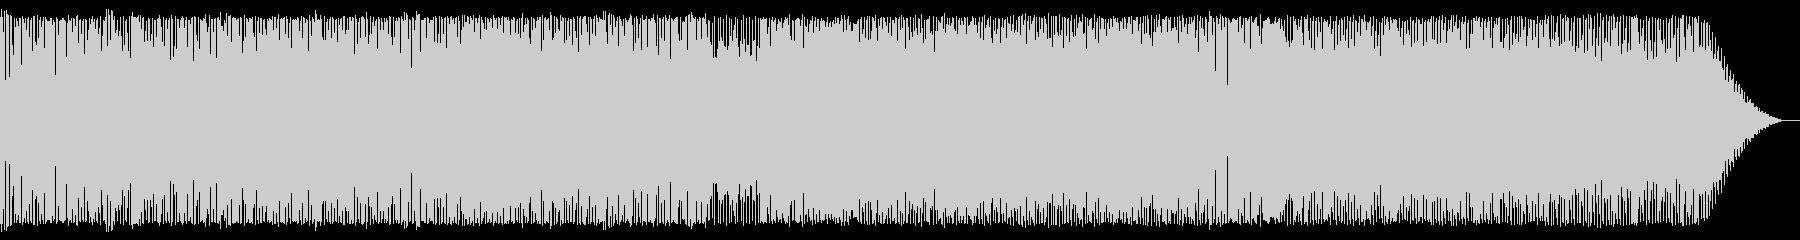 インストのブラスロック-軽快な3連符の未再生の波形